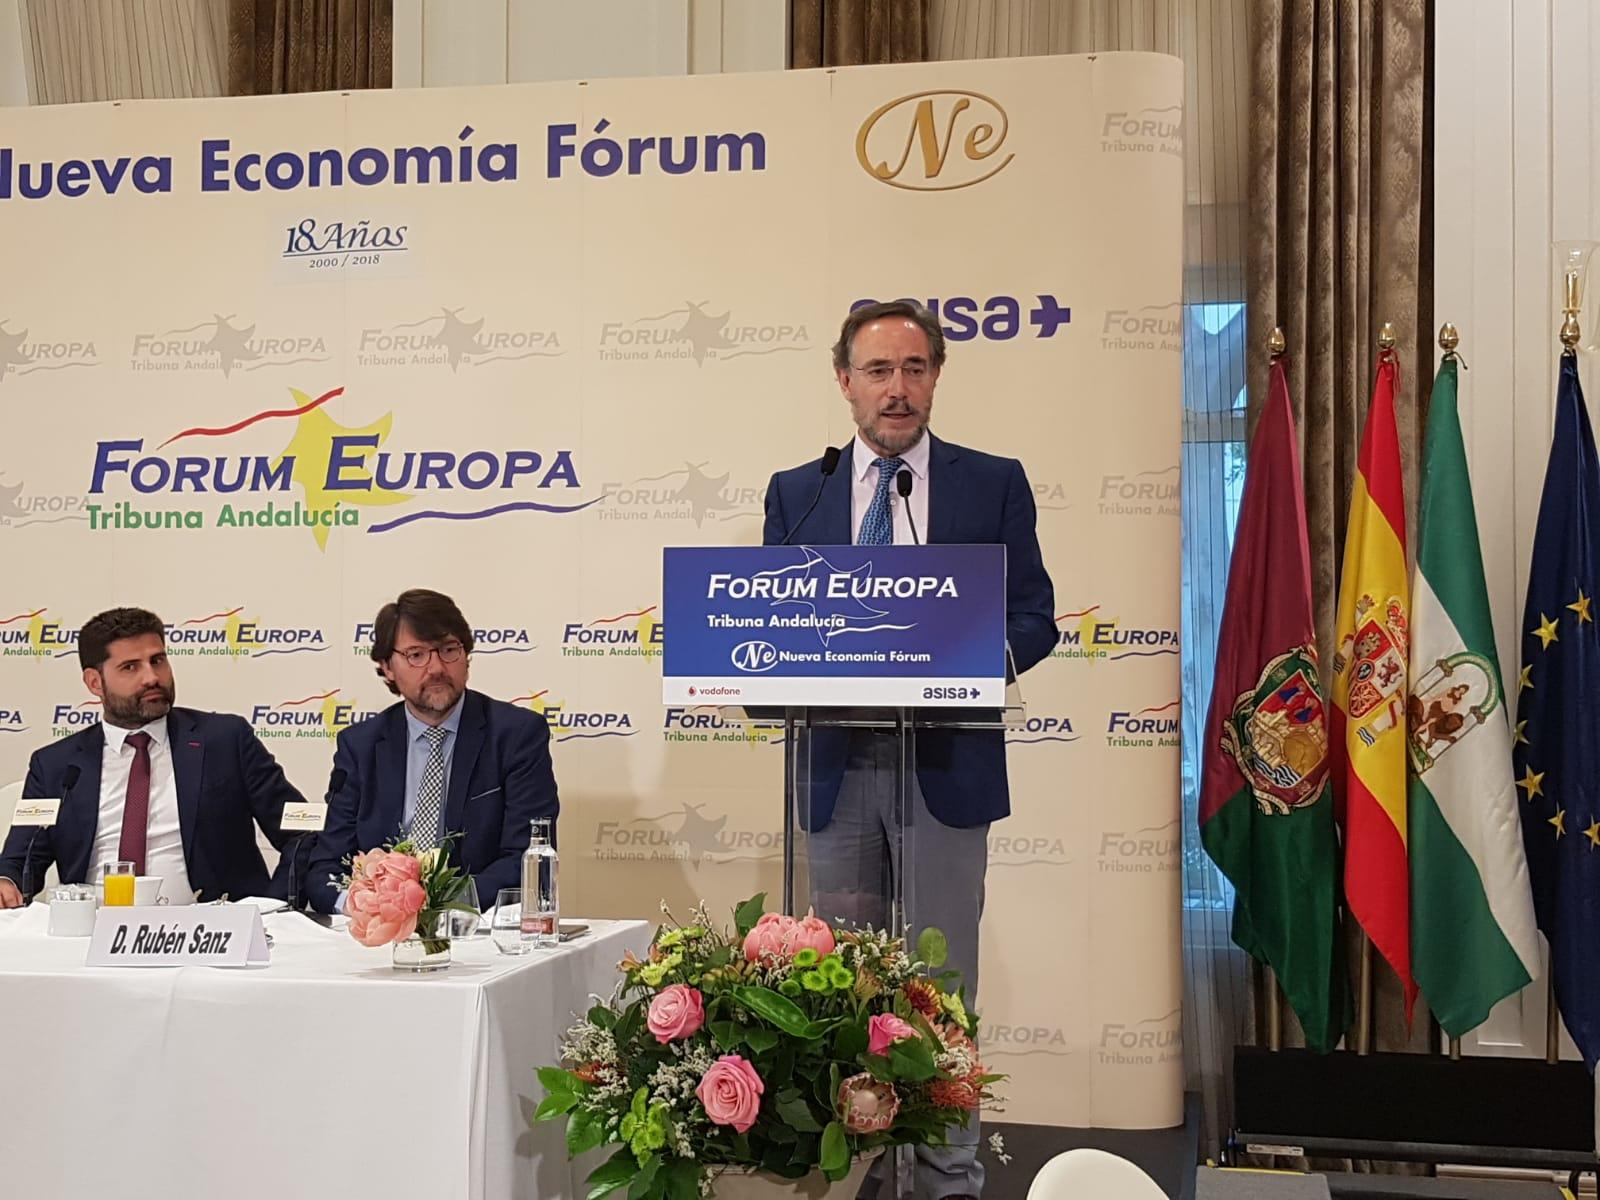 El consjero de Fomento participa en el Forum de Málaga.